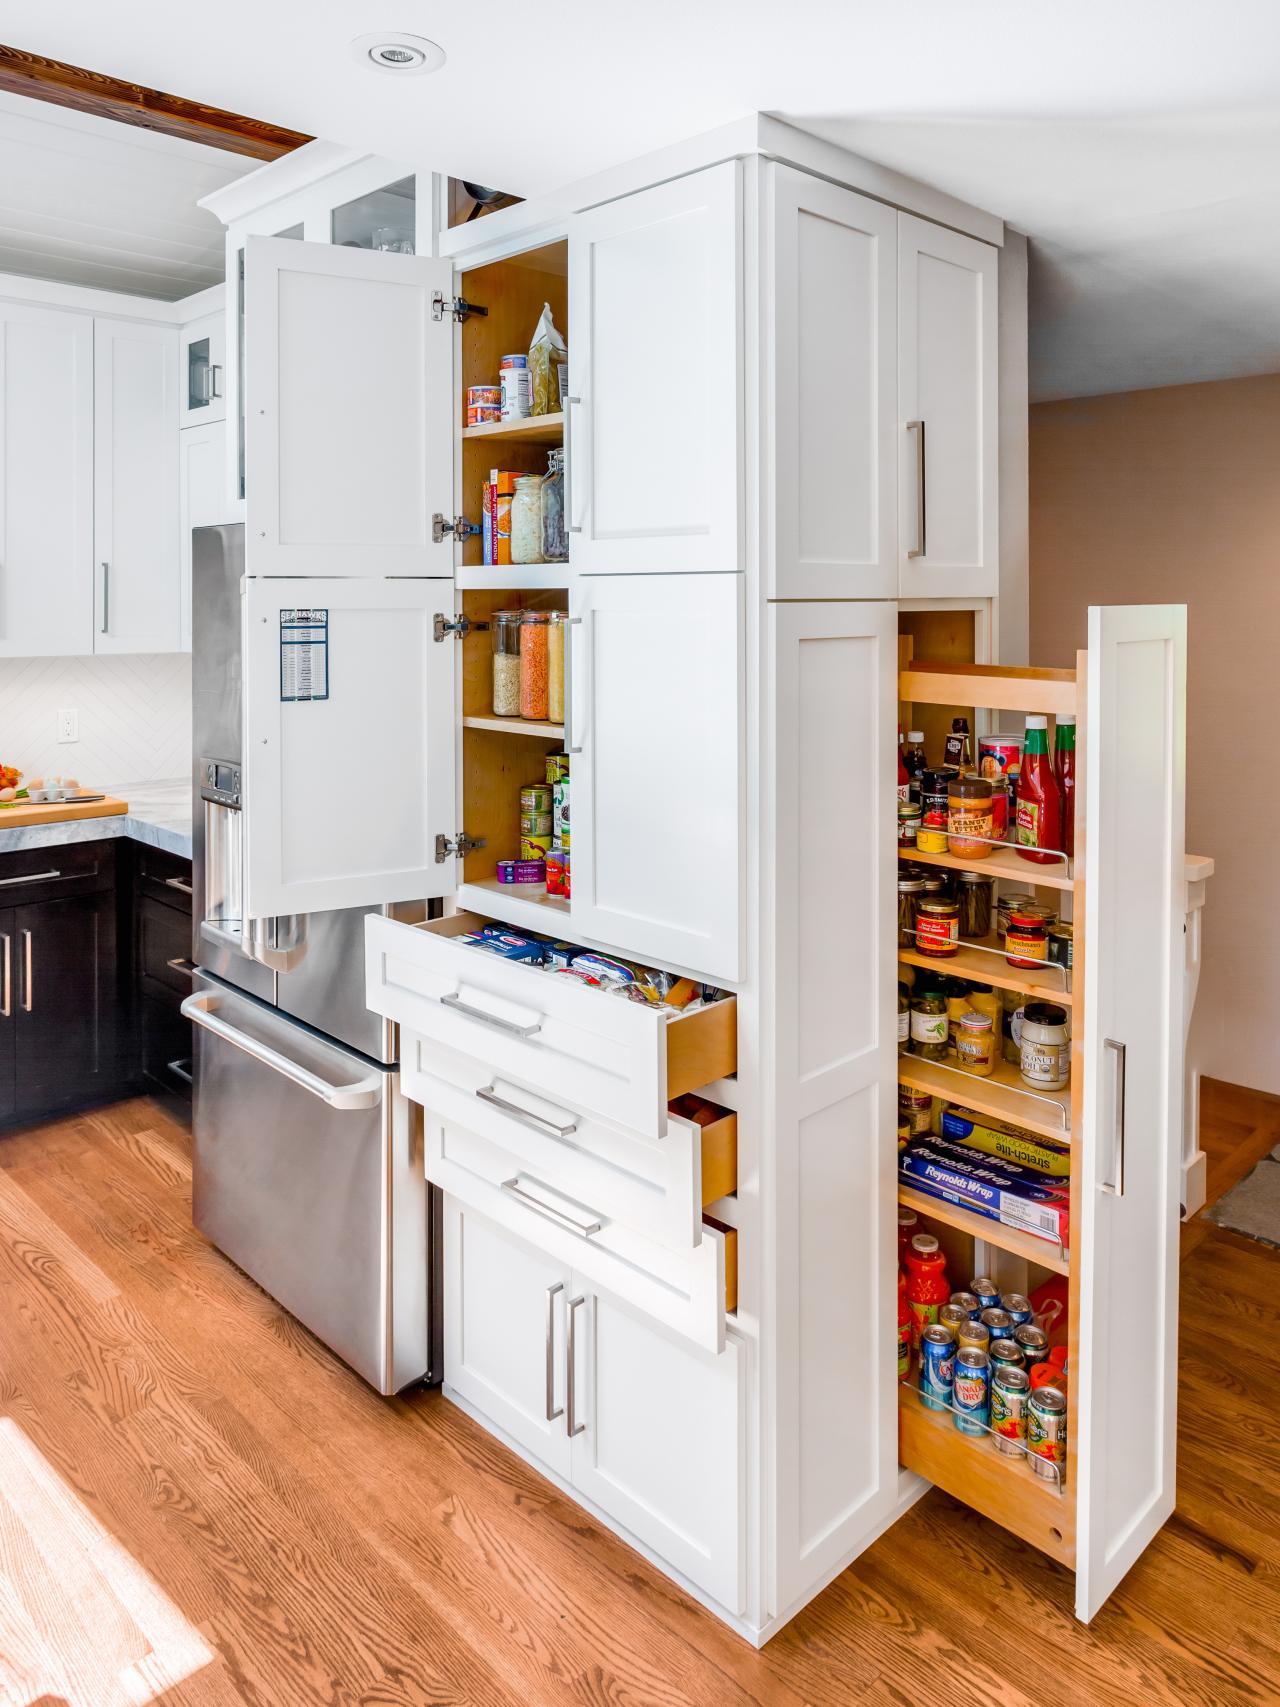 Dalam renovasi dapur ini, terdapat penyimpanan tersembunyi, di belakang panel kayu yang elegan dengan hardware tersembunyi.